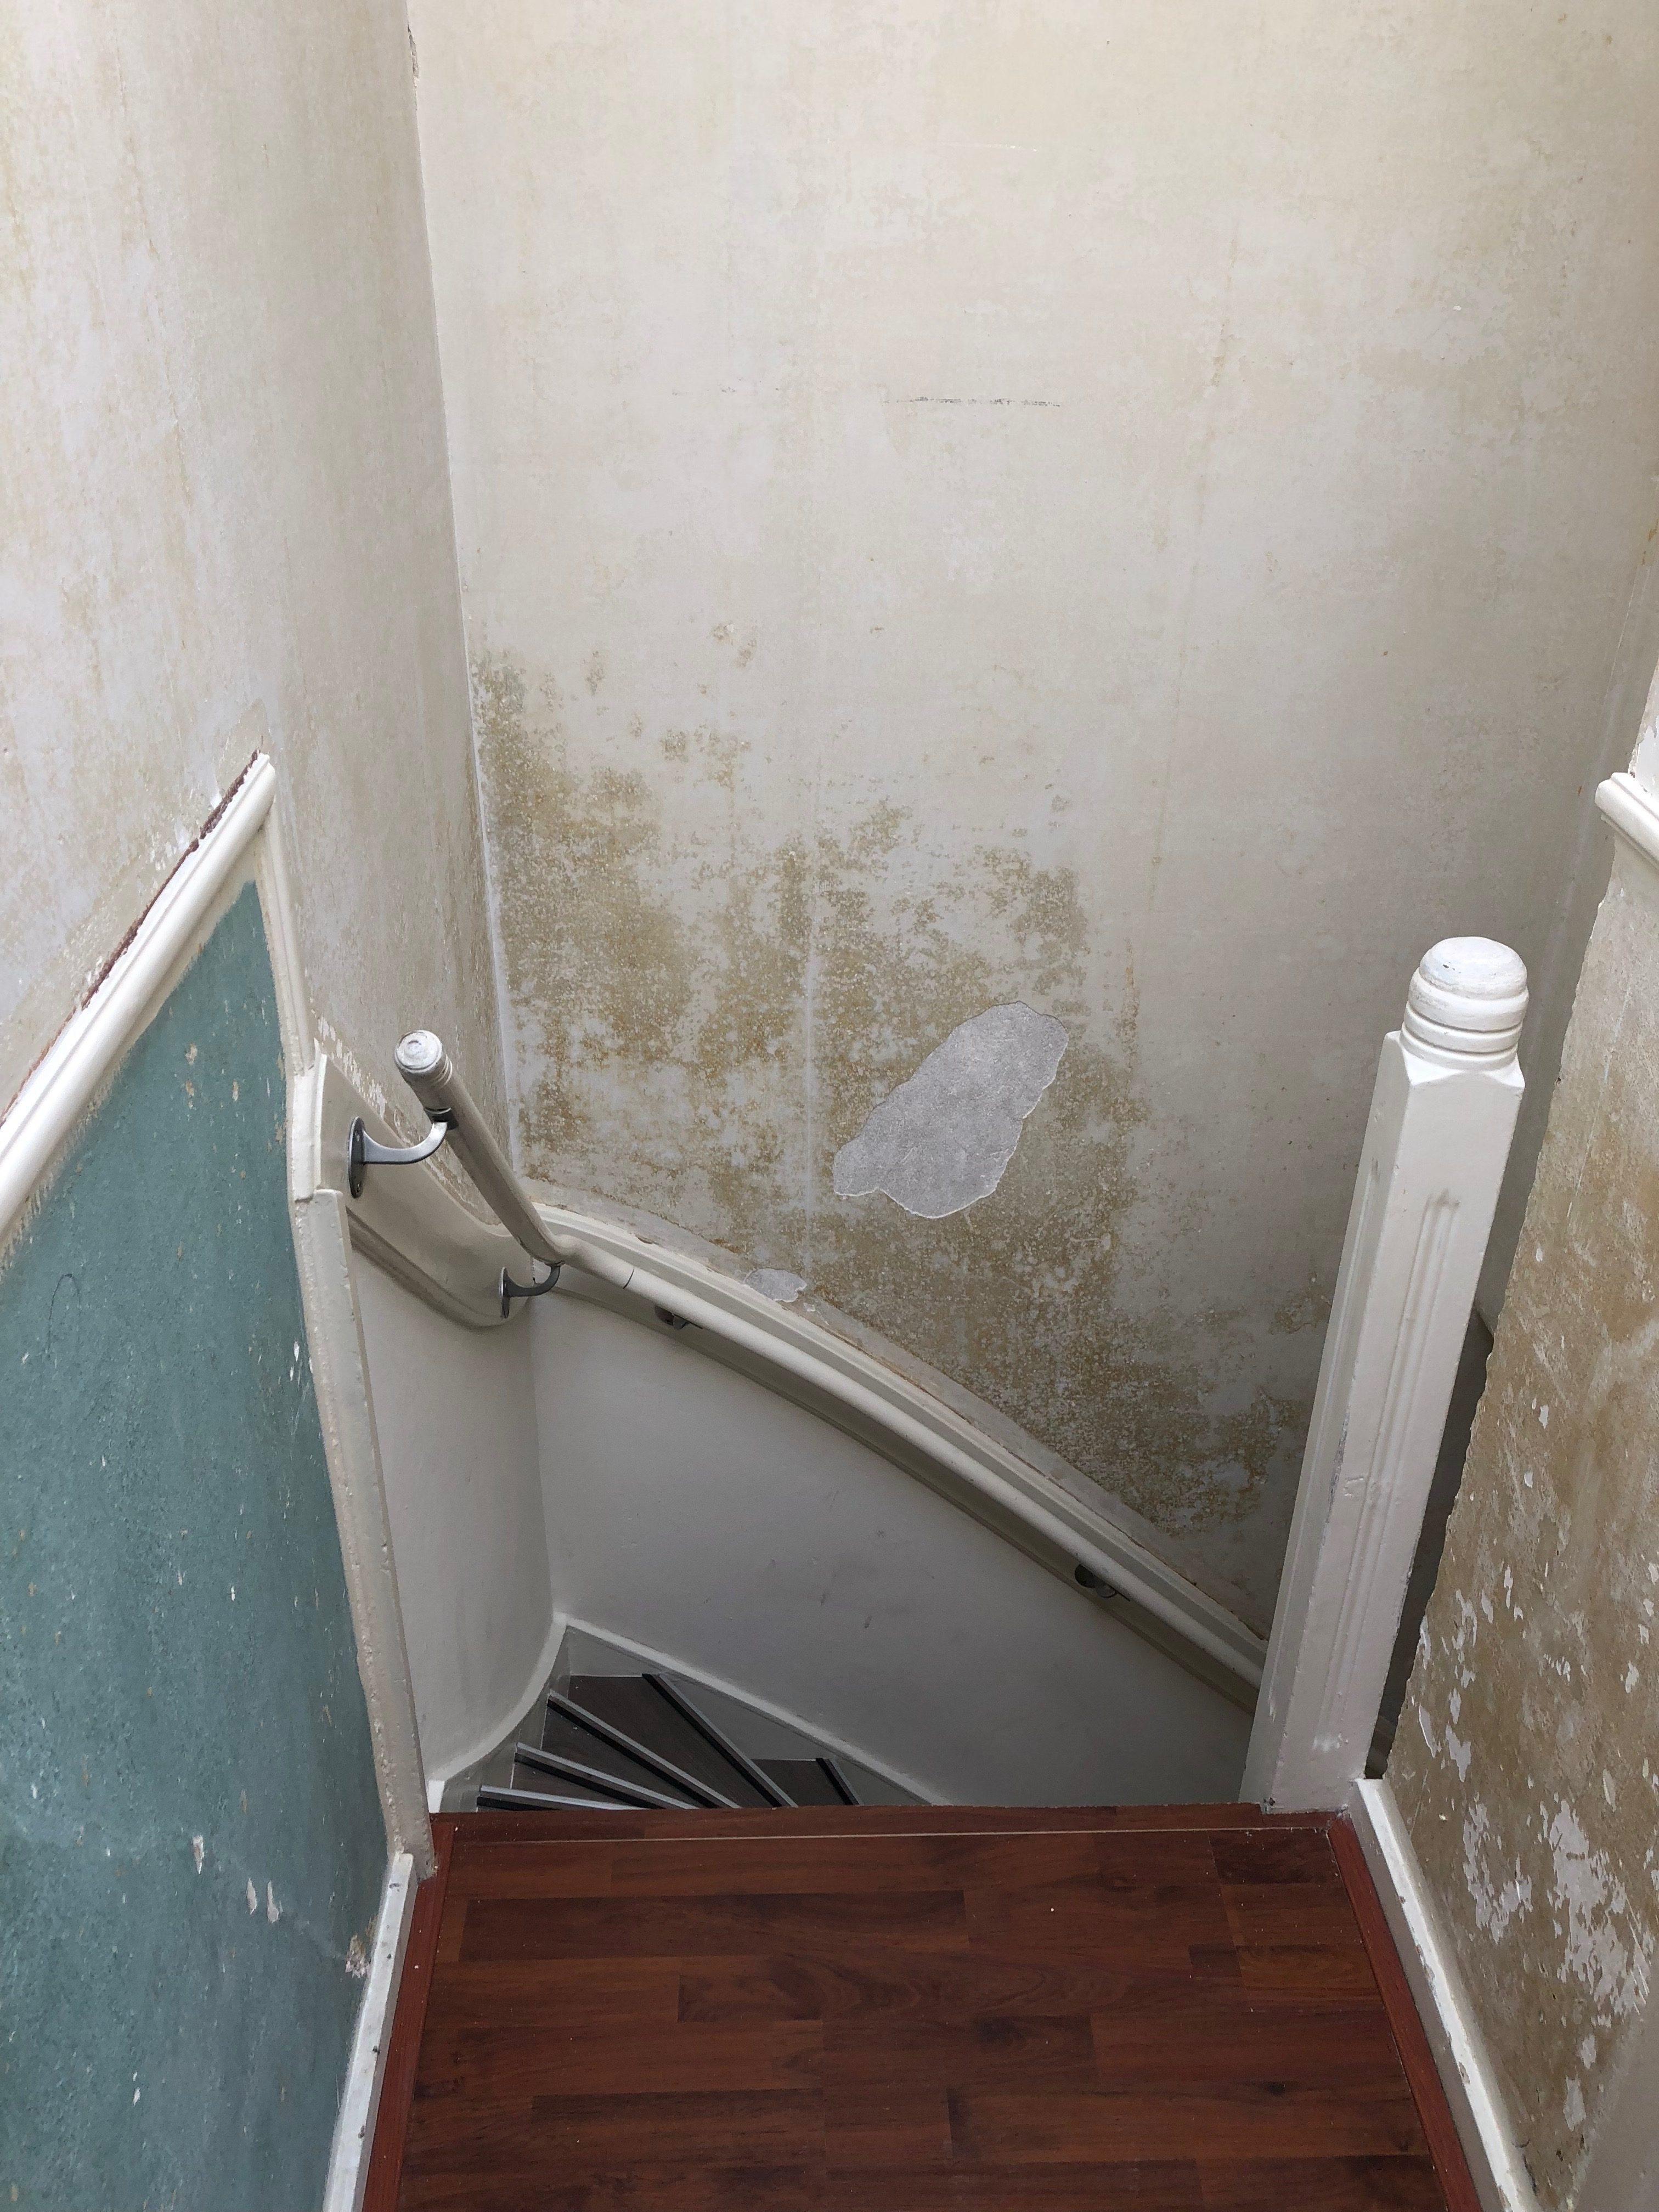 Wand na verwijderden behang, beschadigd (loslatende delen stucwerk)